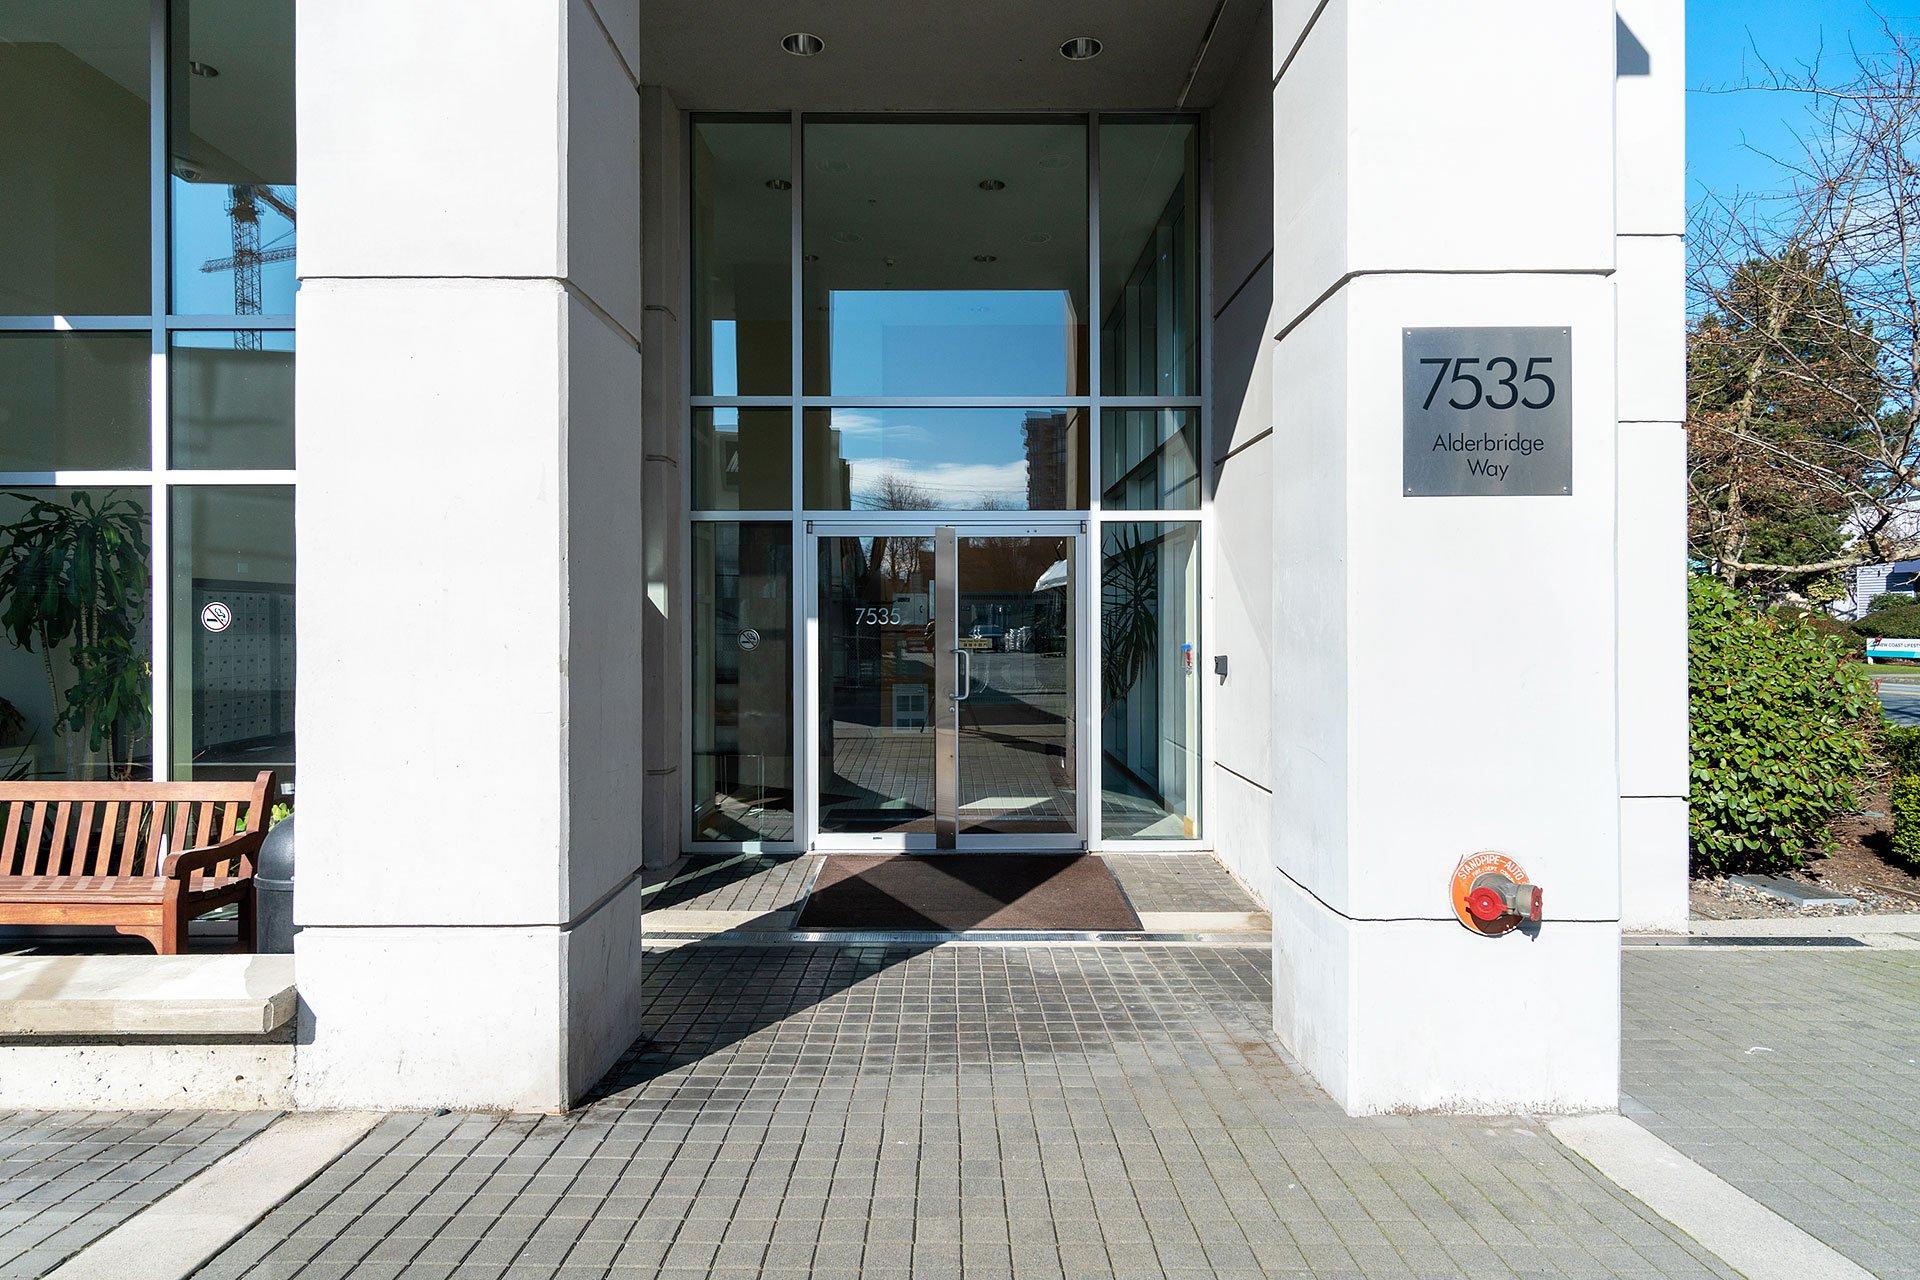 """Photo 29: Photos: 1207 7535 ALDERBRIDGE Way in Richmond: Brighouse Condo for sale in """"OCEAN WALK"""" : MLS®# R2445449"""